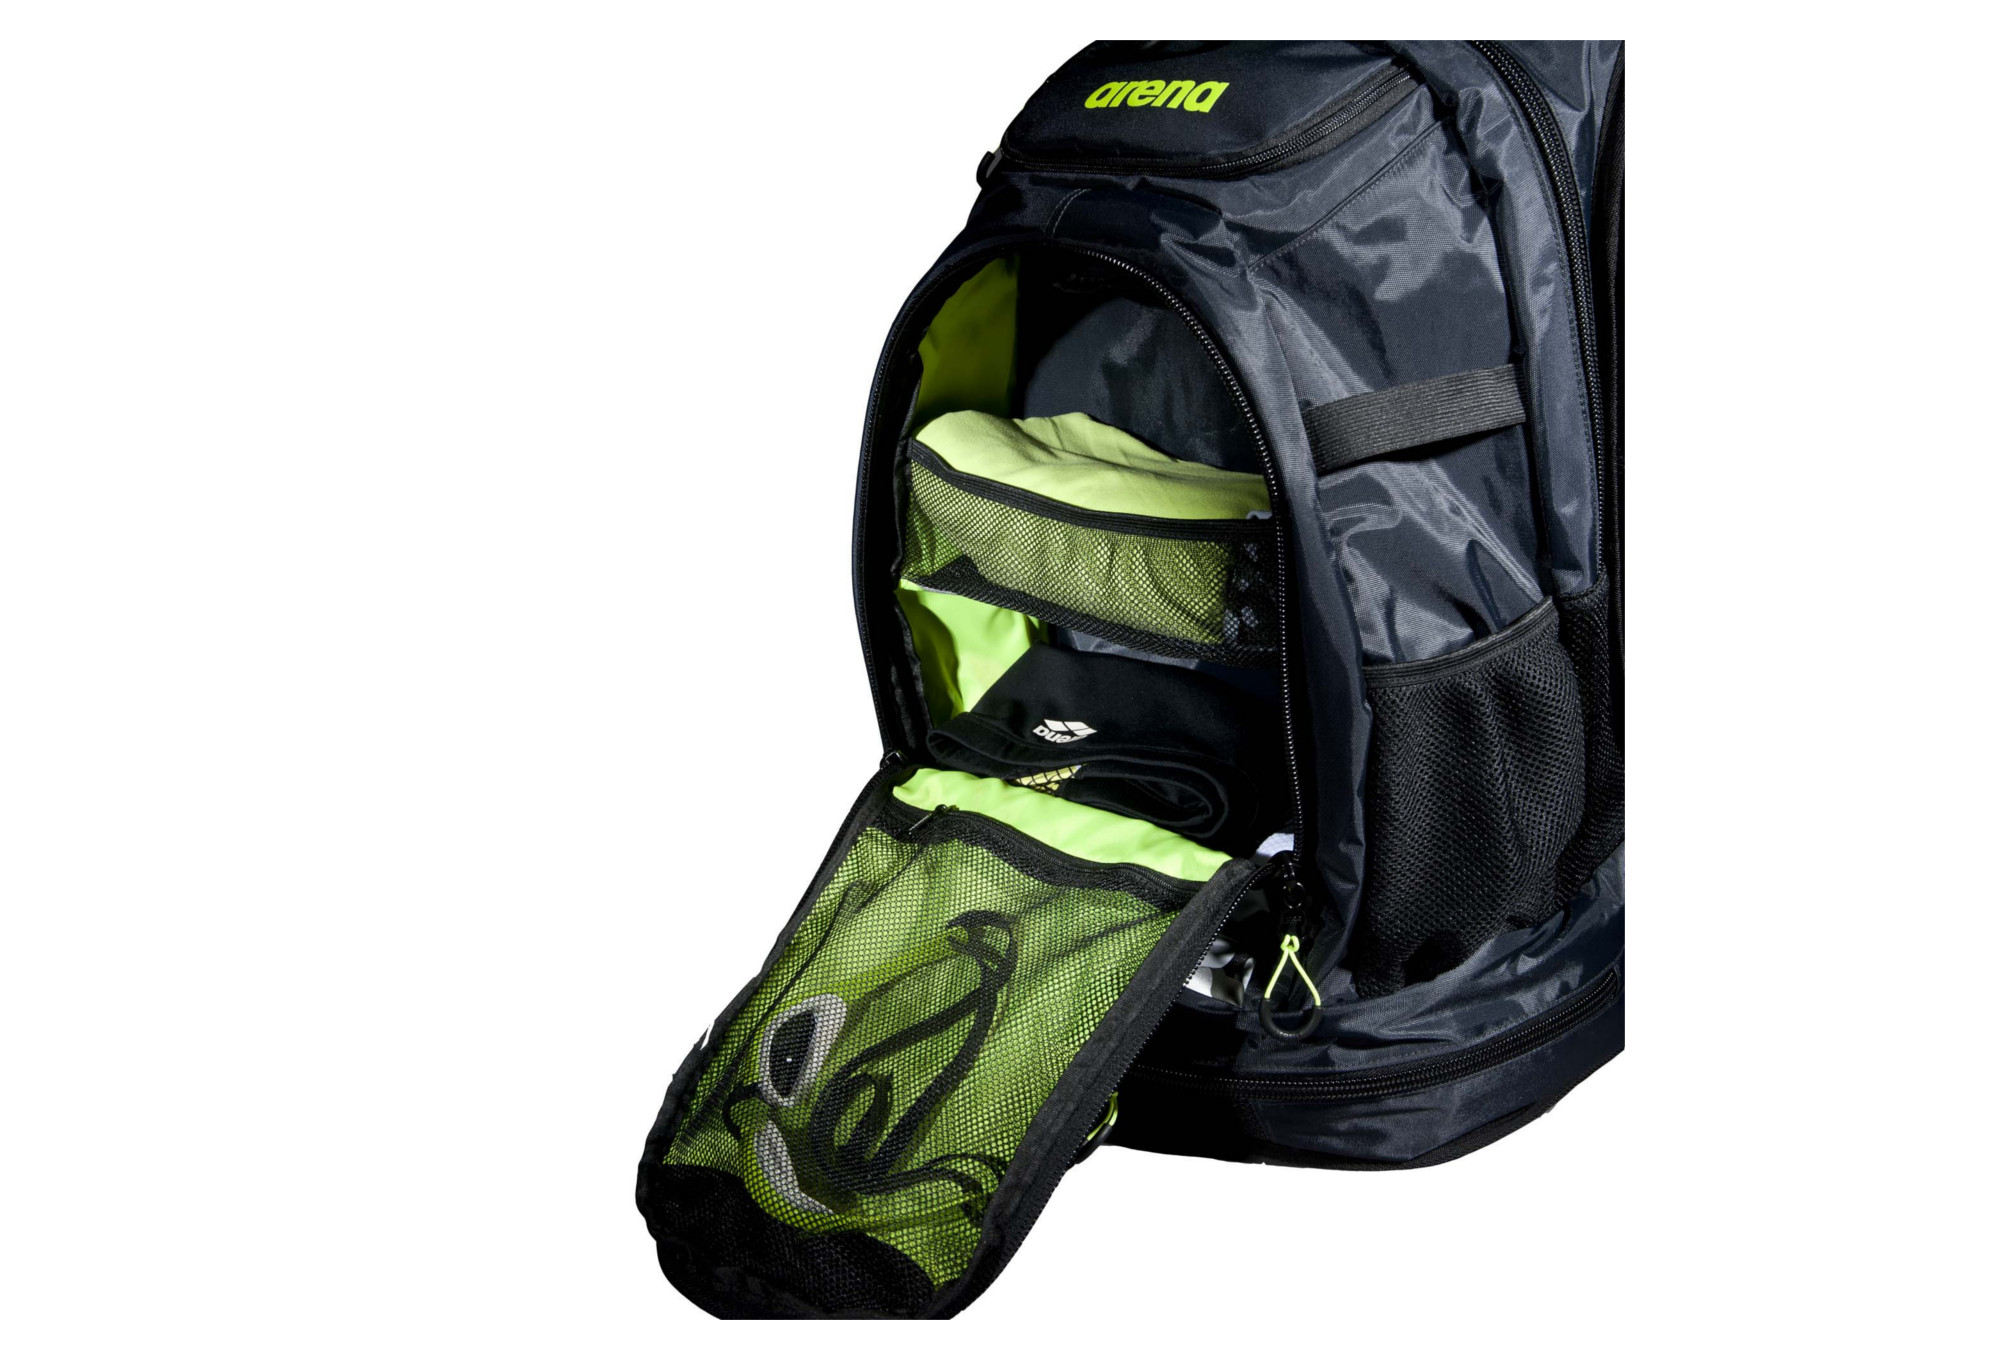 Sac de piscine arena fastpack 2 1 noir vert for Serviette piscine arena